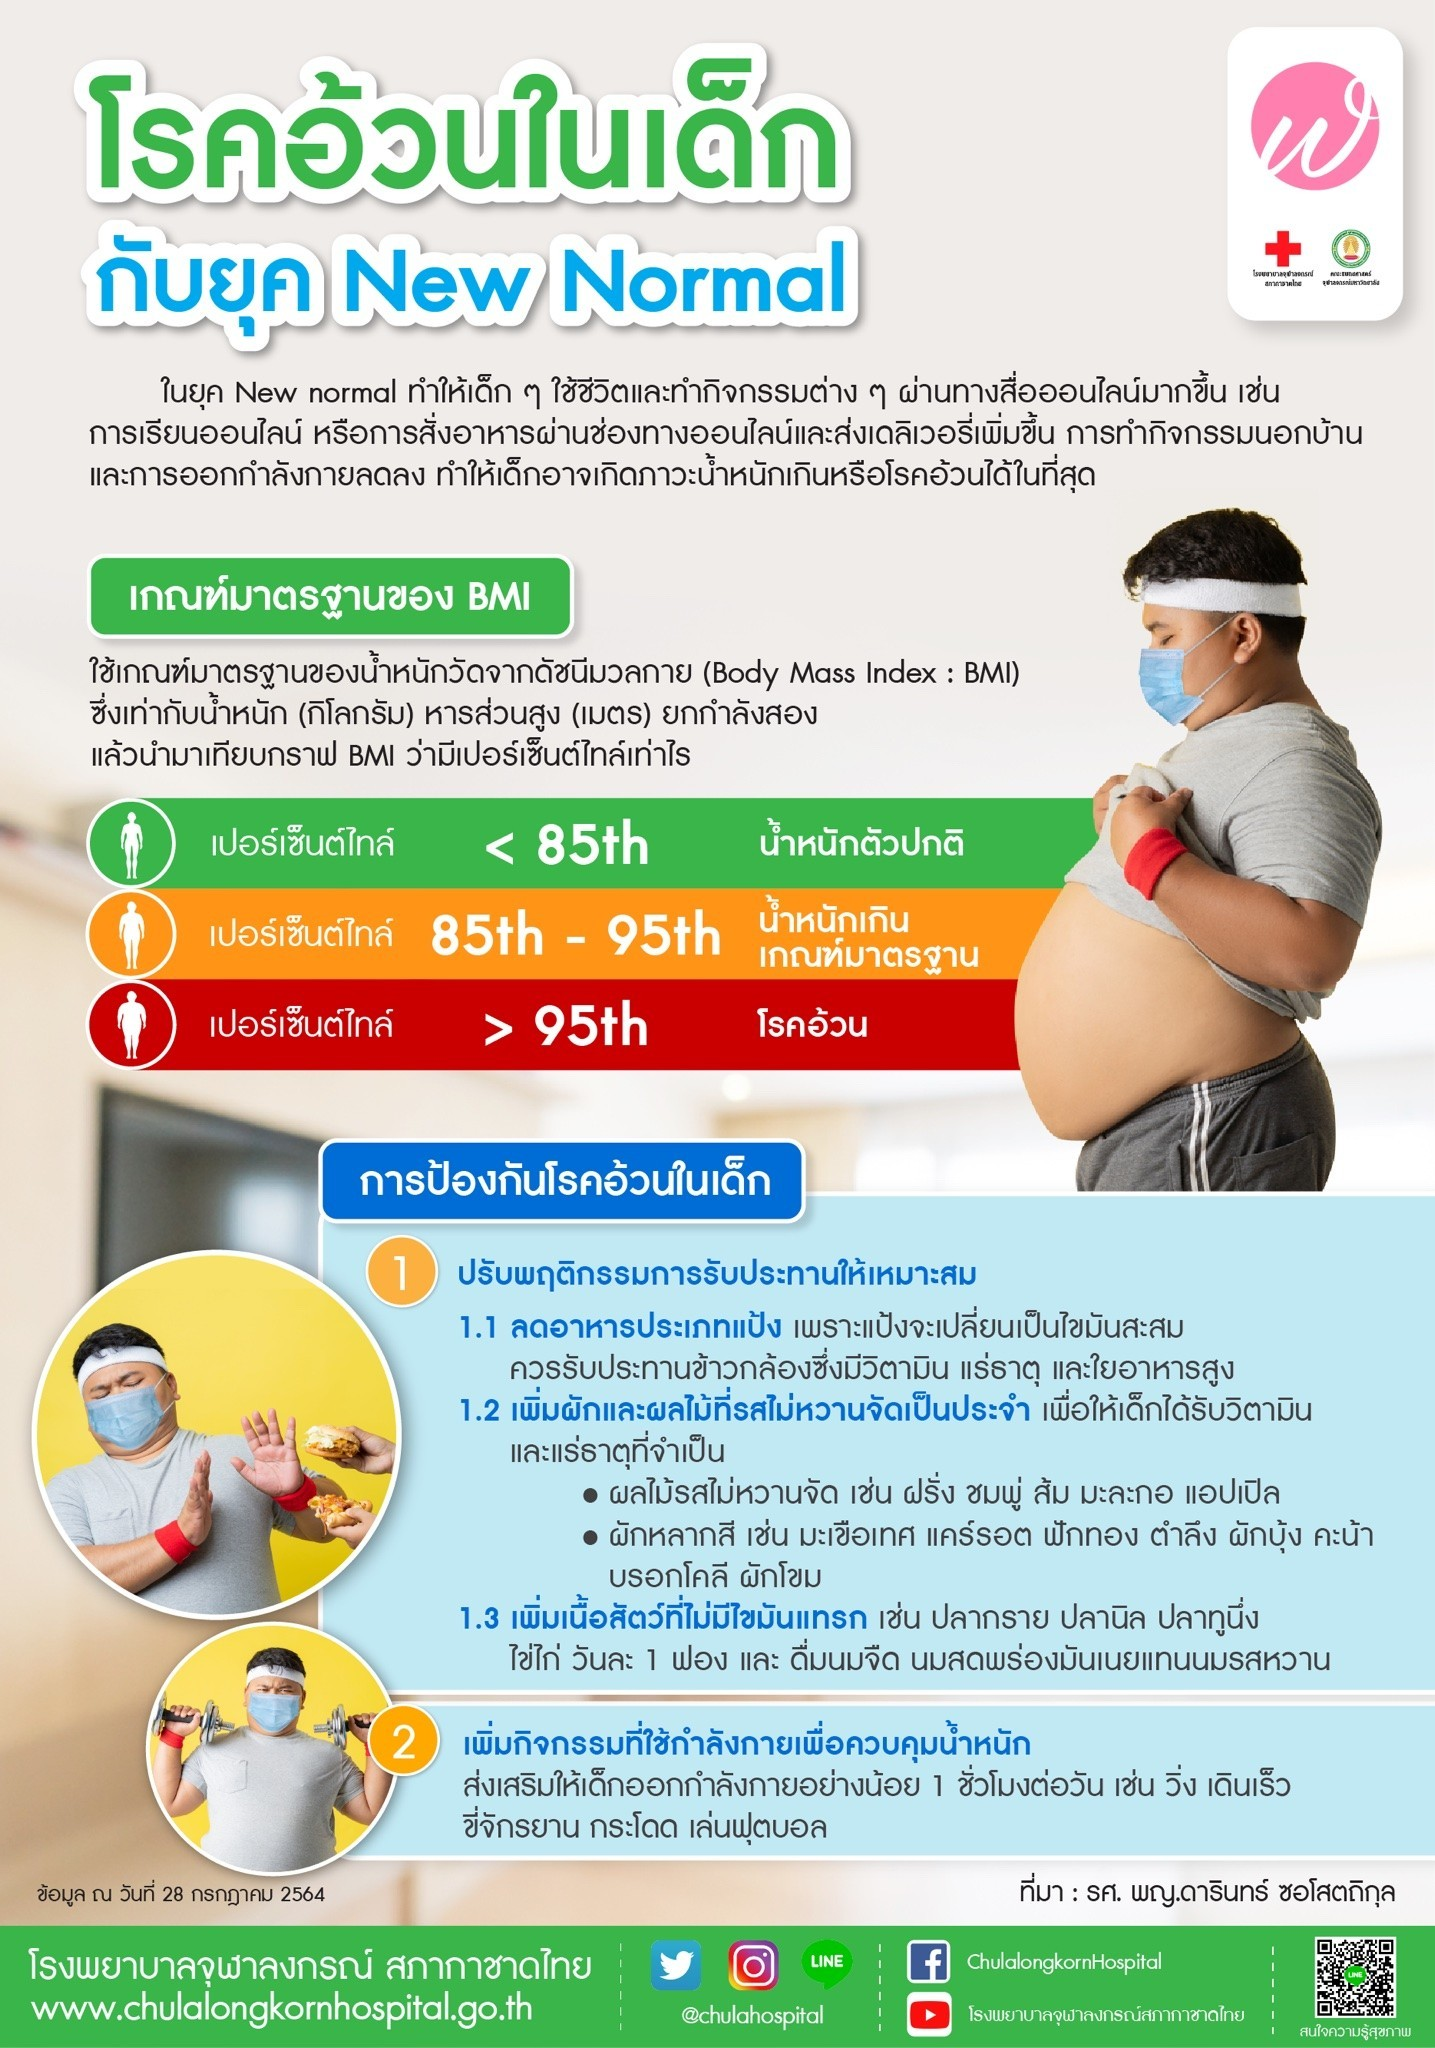 โรคอ้วนในเด็กกับยุค New Normal